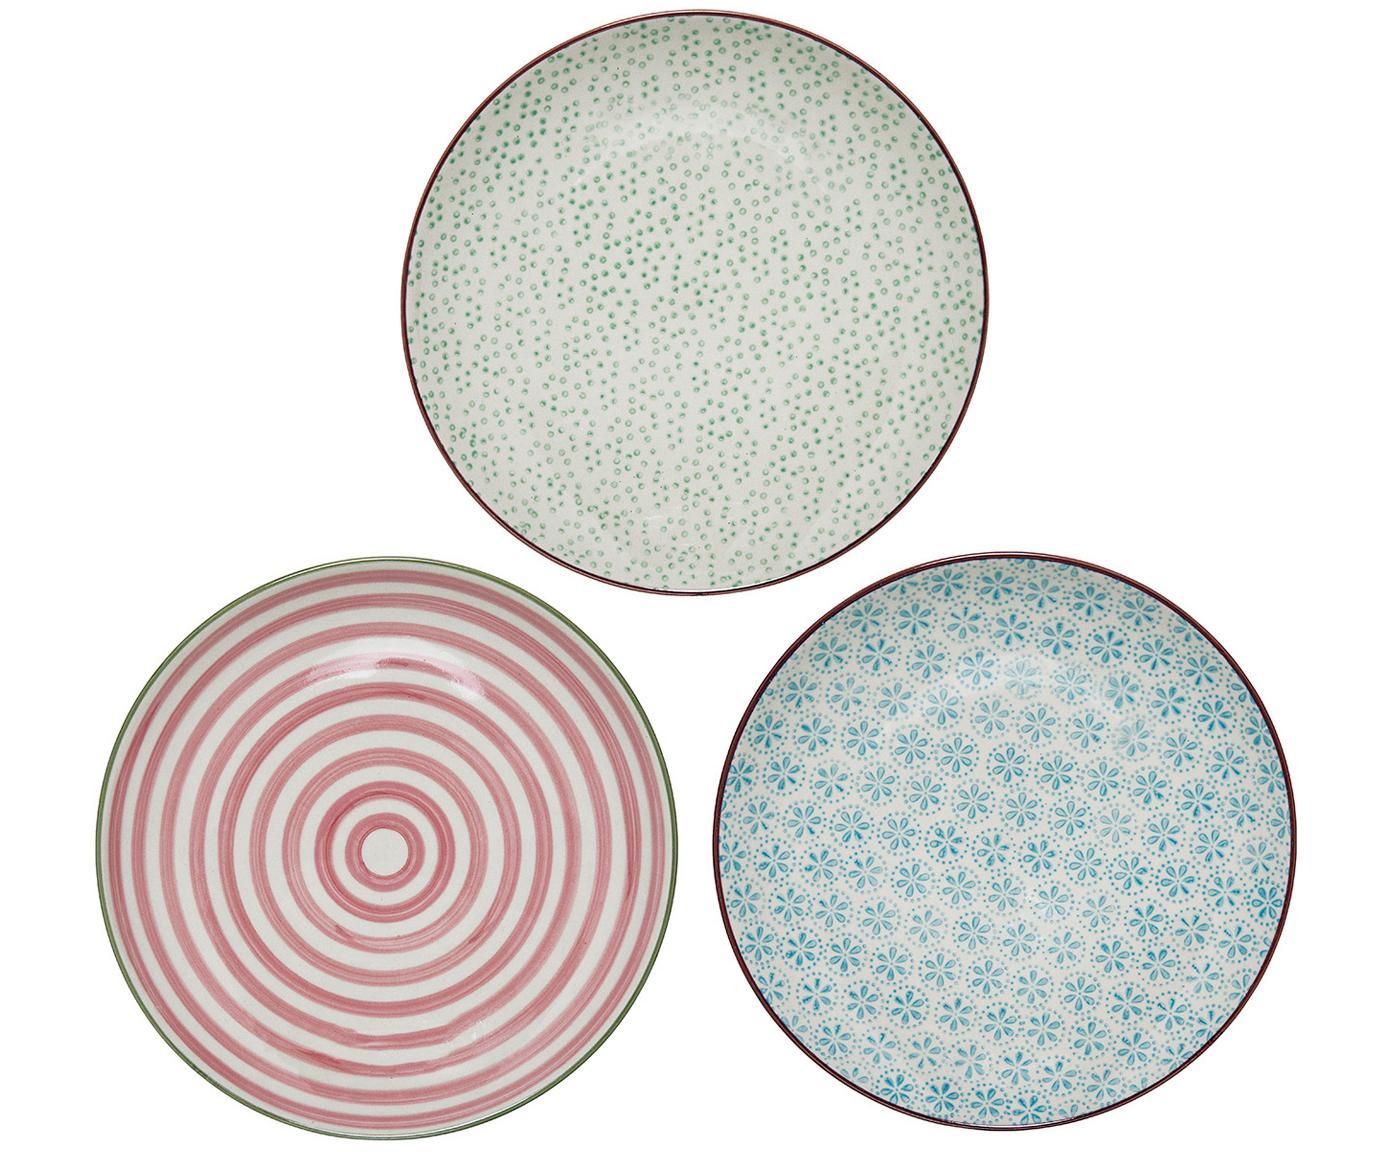 Komplet talerzy śniadaniowych Patrizia, 3 elem., Kamionka, Biały, zielony, czerwony, niebieski, Ø 20 cm